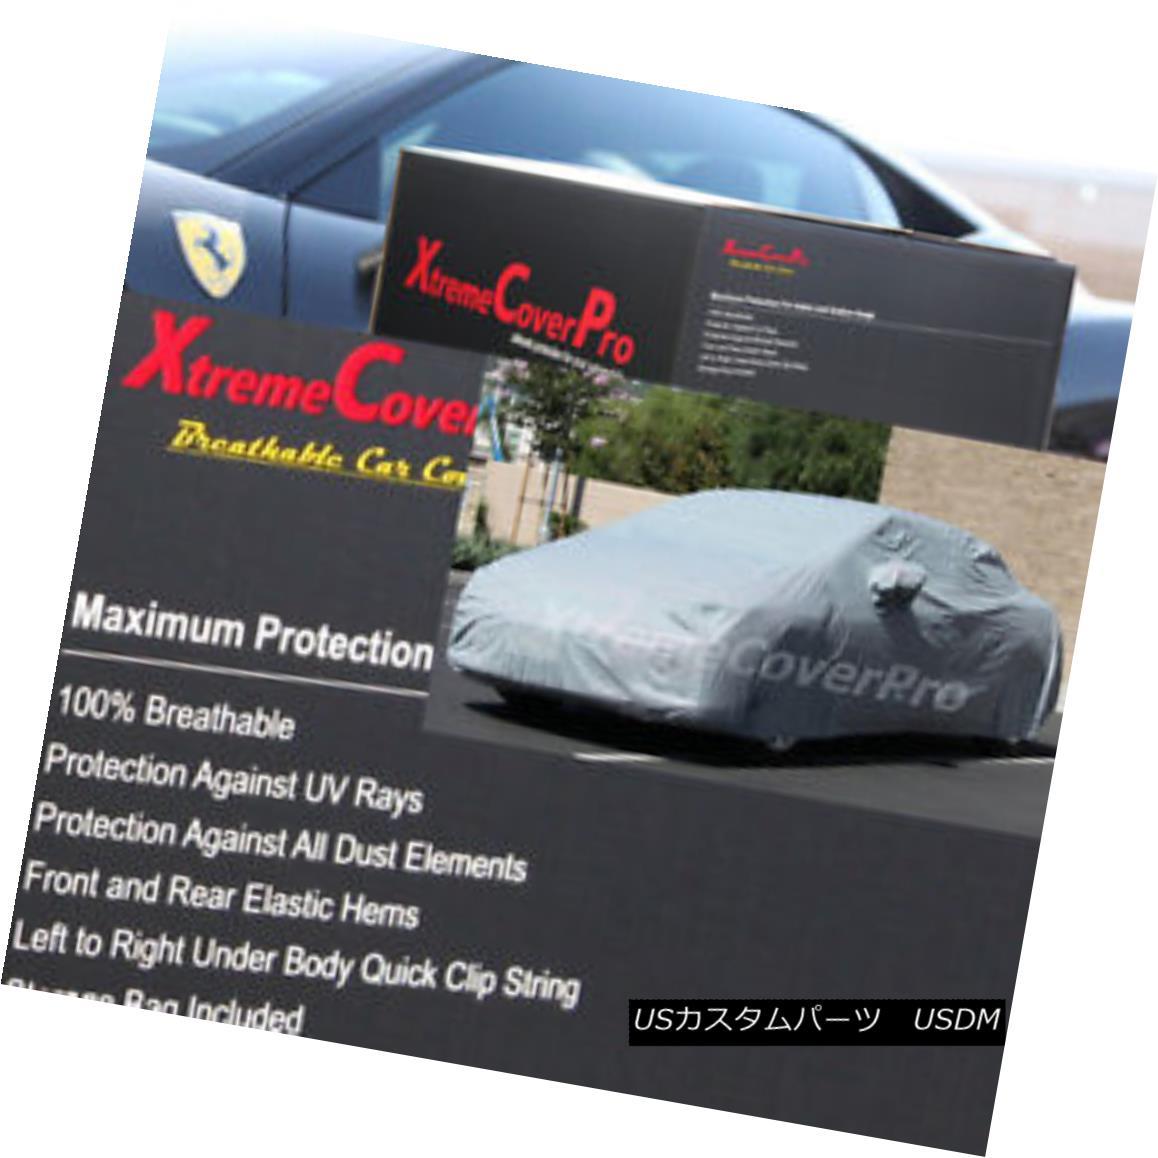 カーカバー 2015 Volkswagen CC Breathable Car Cover w/Mirror Pockets - Gray 2015年フォルクスワーゲンCC通気性車カバー(ミラーポケット付) - グレー